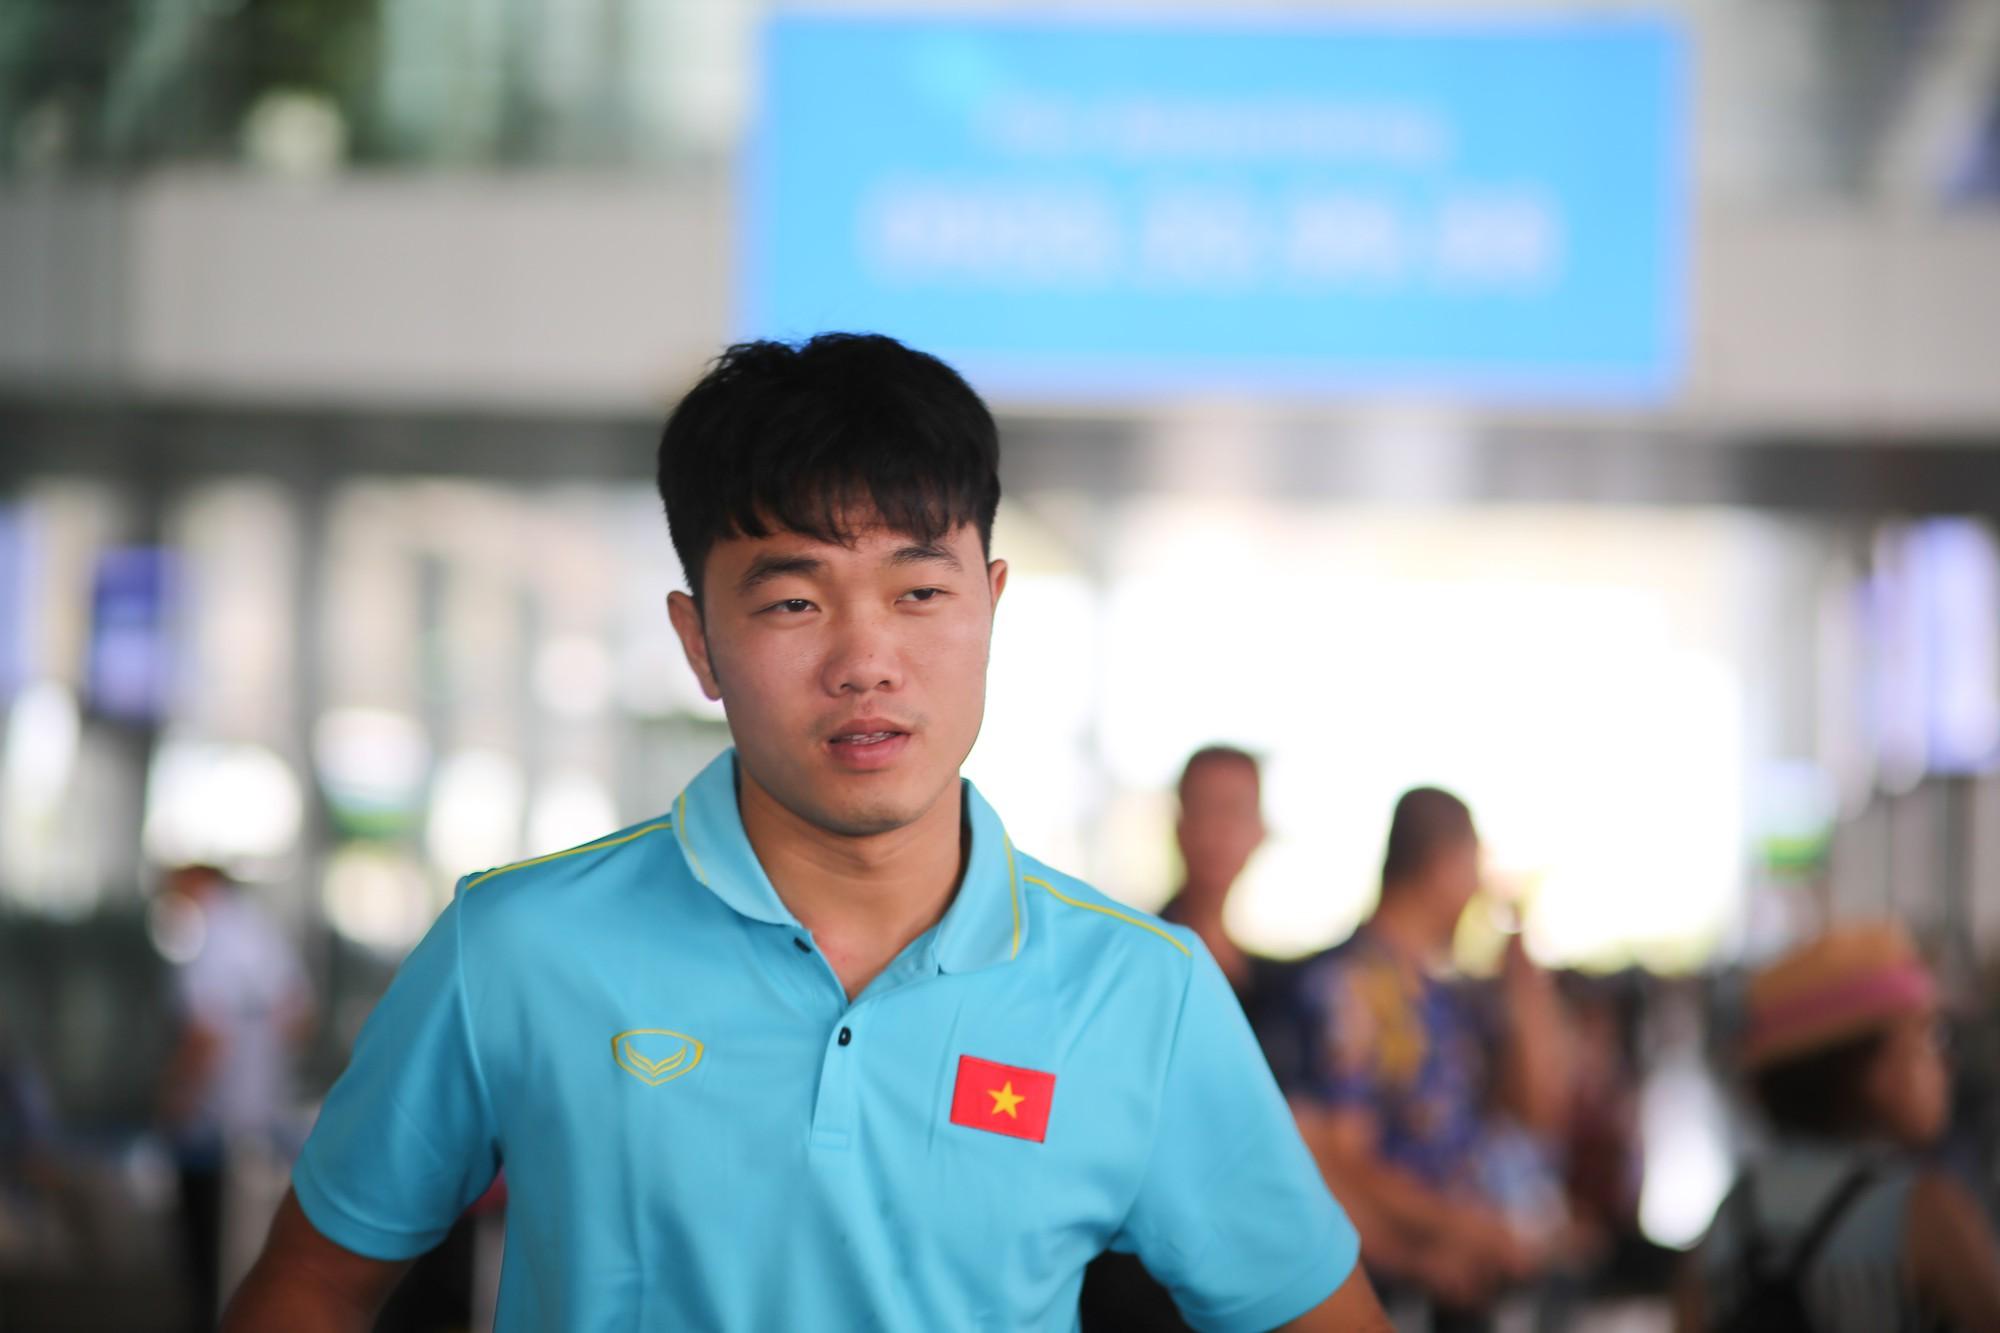 Tiền vệ Tuấn Anh Tôi không phải là người chơi hay nhất trận Việt Nam - Thái Lan (7)